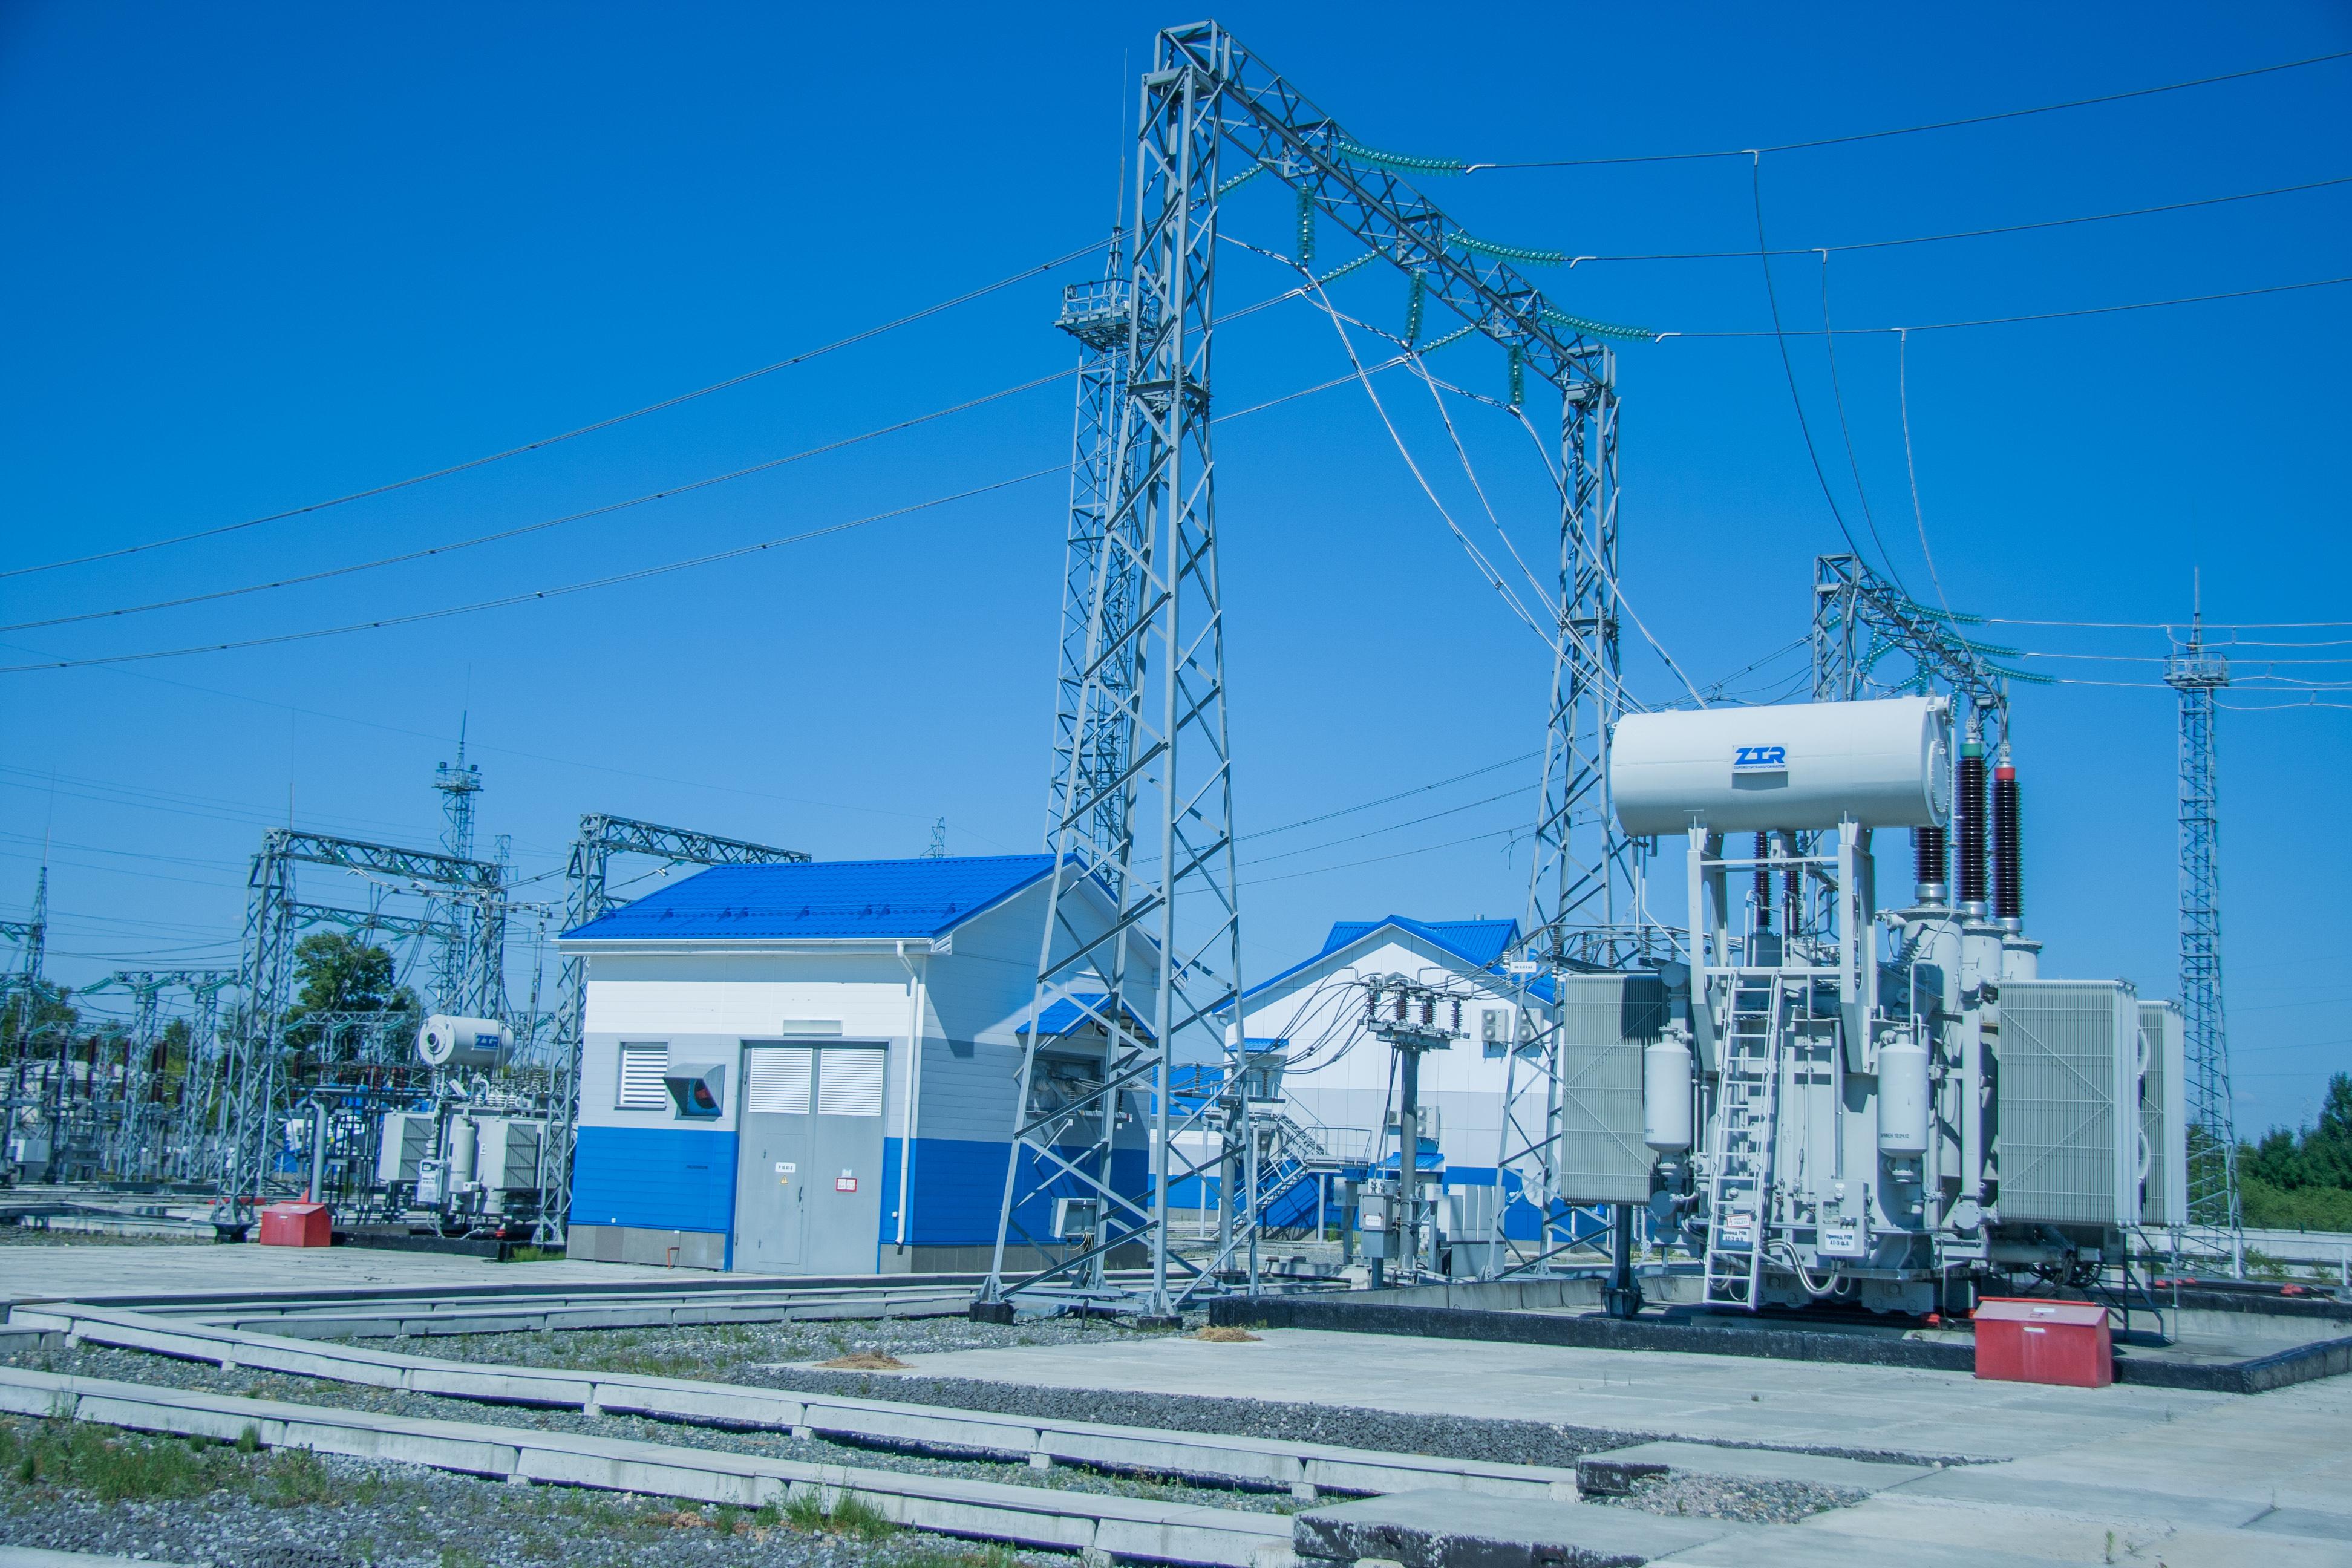 «Россети ФСК ЕЭС» заменила 1,4 тыс. единиц оборудования на подстанциях Поволжья